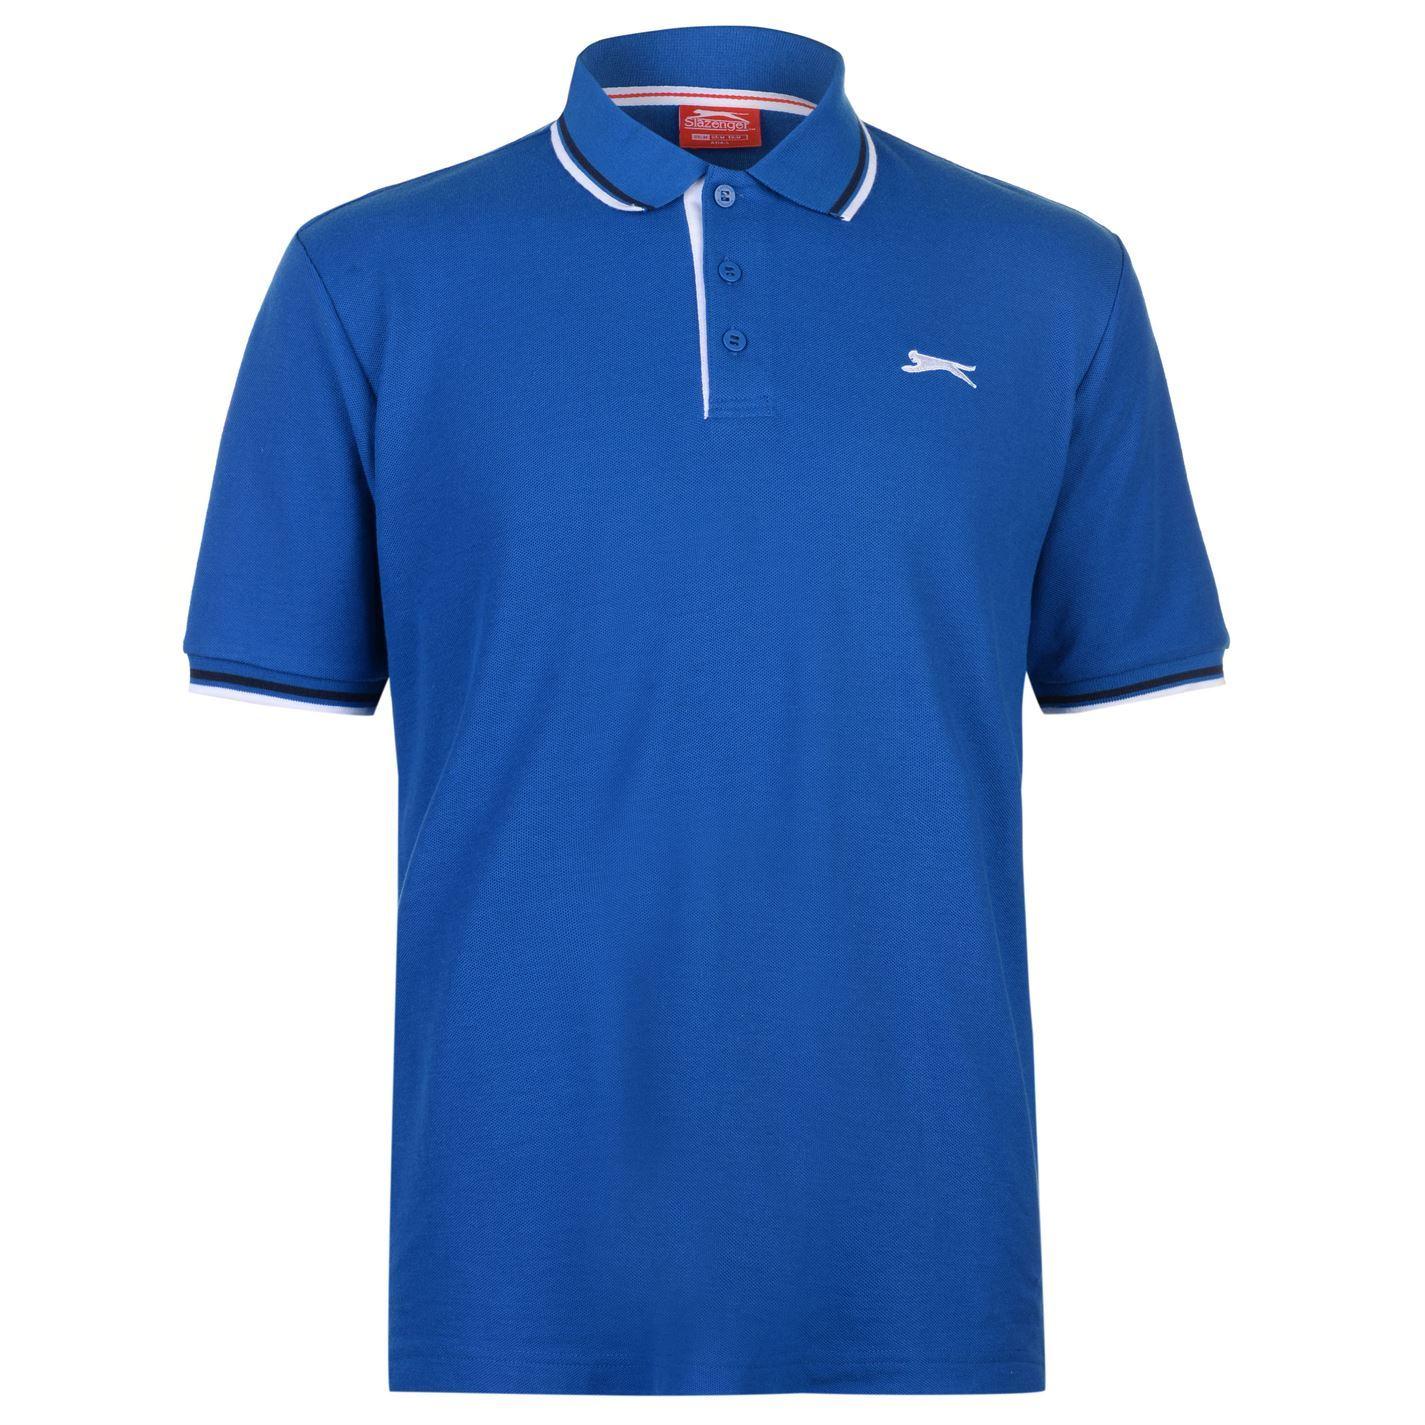 Slazenger-Polo-Camisa-de-hombre-con-cuello-con-Punta-T-Shirt-Top-Camiseta-Tee miniatura 17